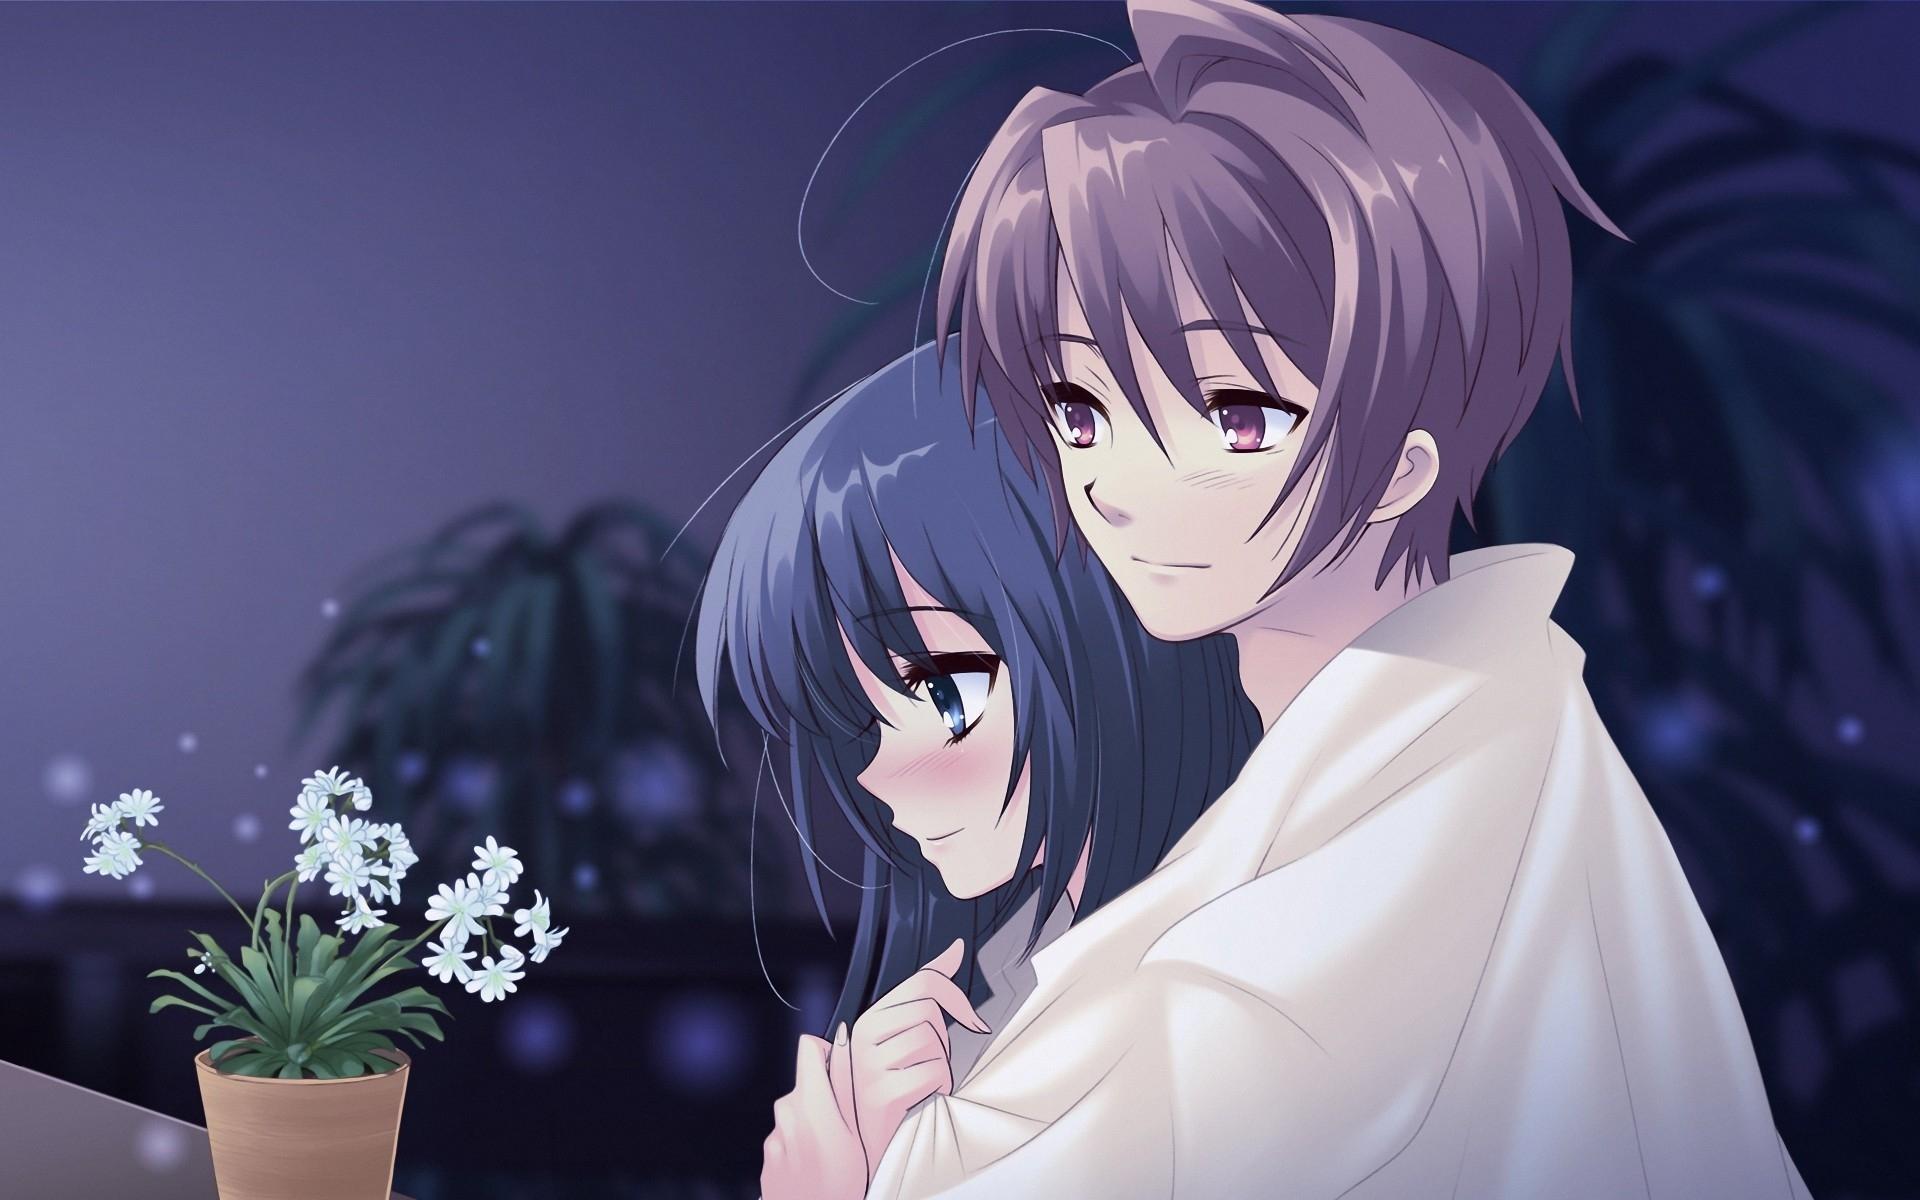 anime_paren_devushka_gorshok_cvetok_obyatie_11580_1920x1200.jpg